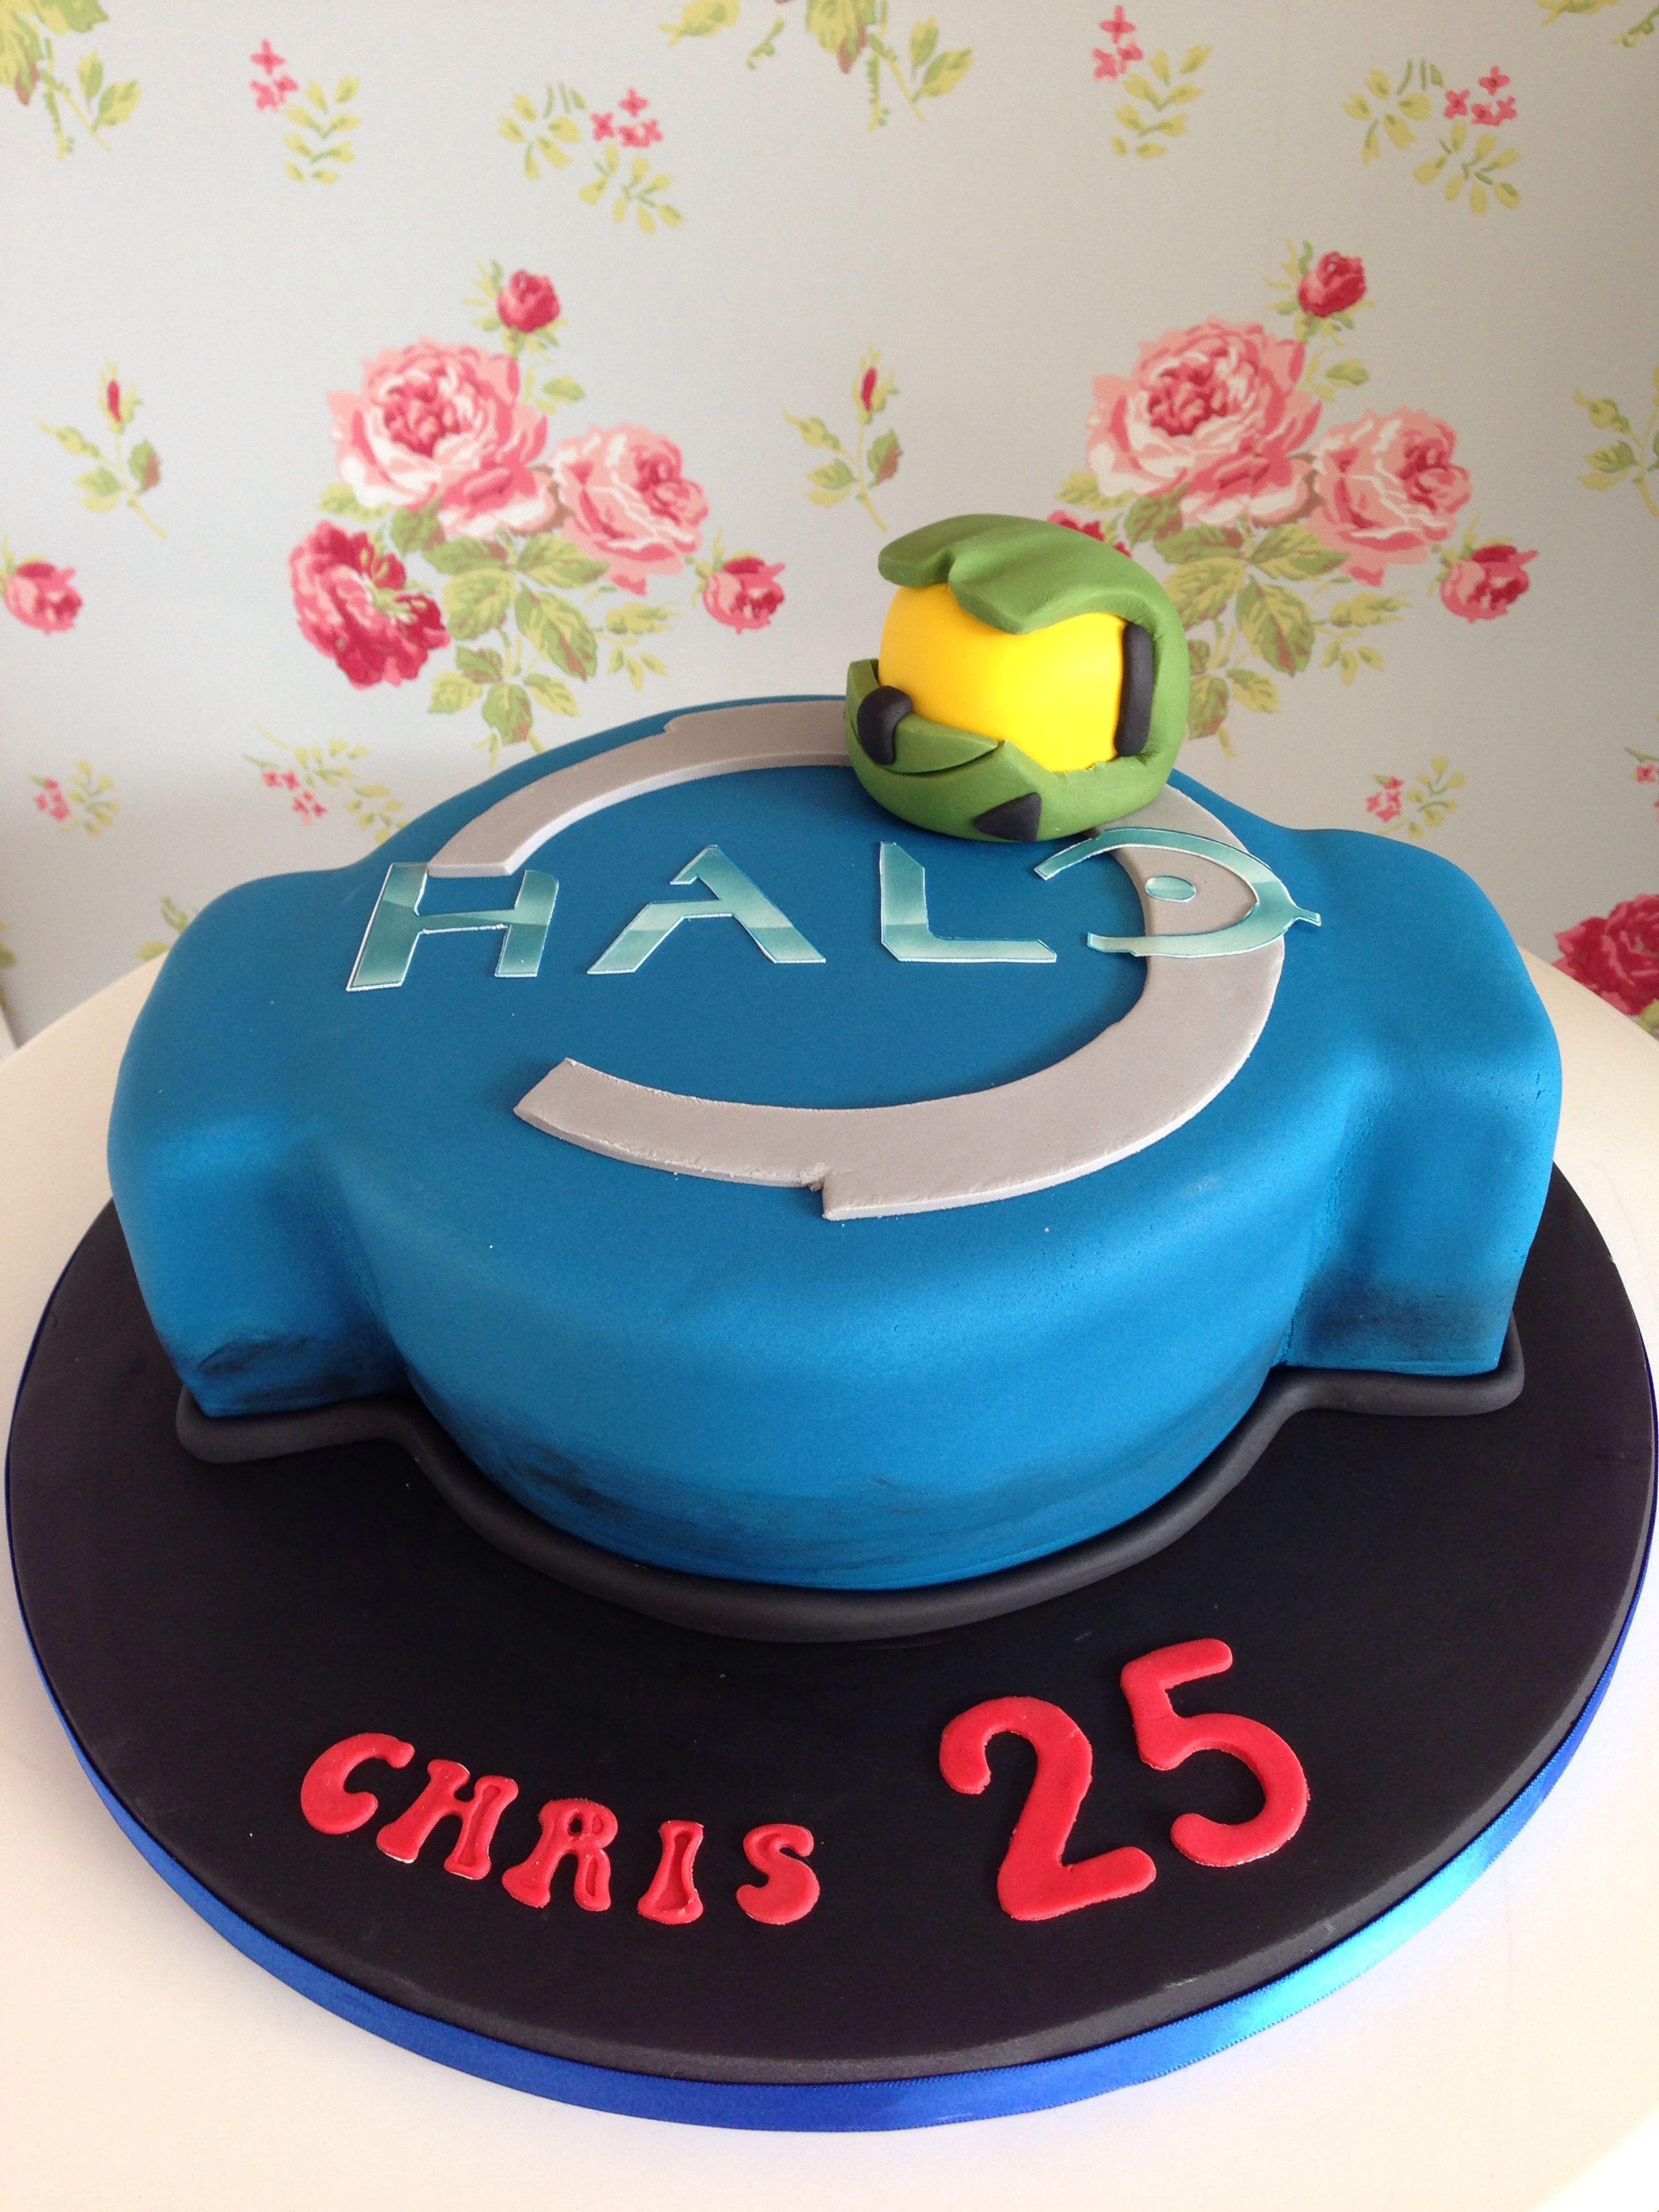 Phenomenal Halo Cake Birthday Cake Kids Halo Cake Birthday Cards Printable Nowaargucafe Filternl